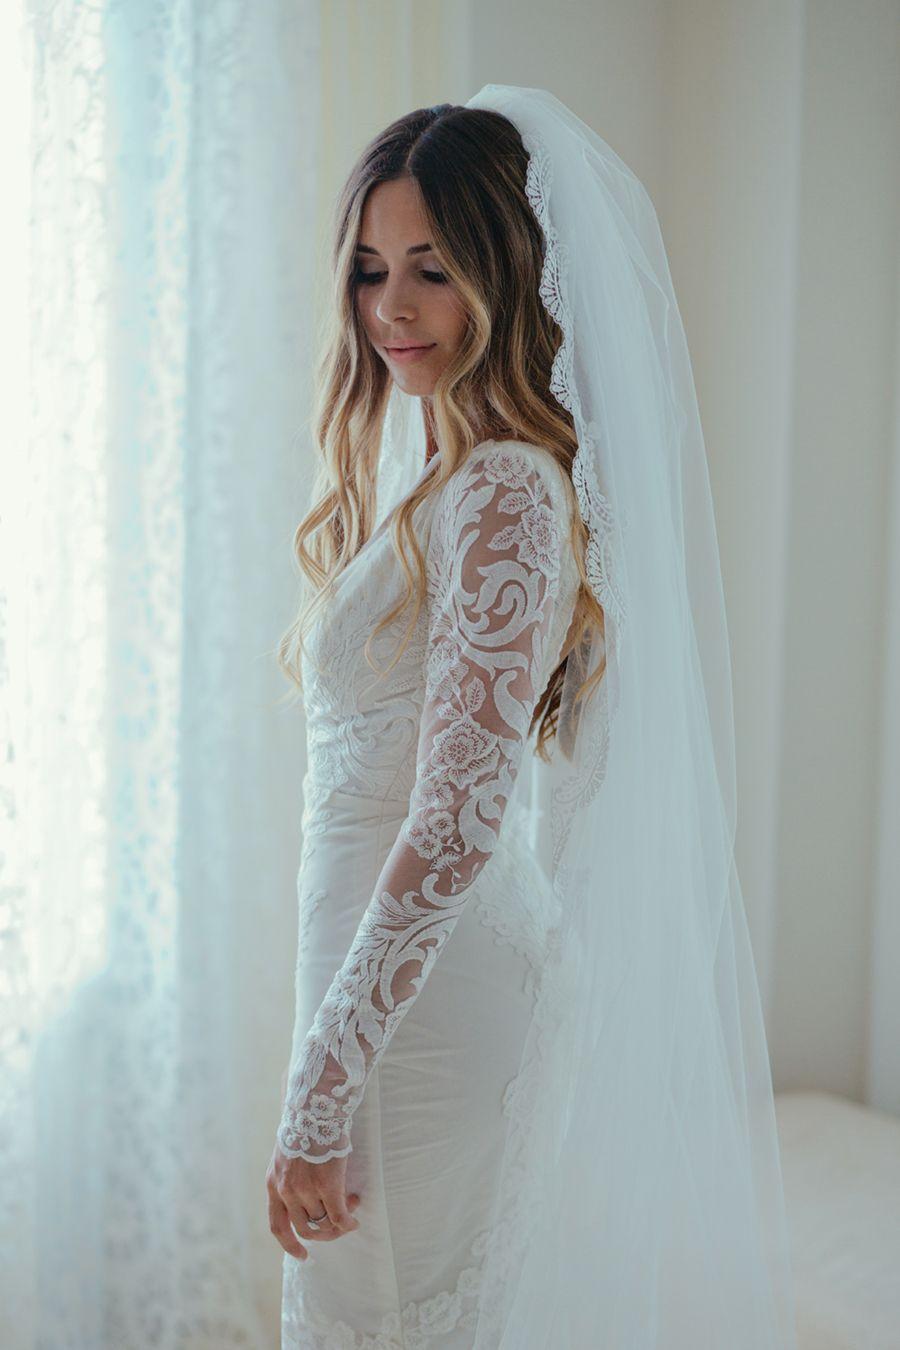 Fine Vestido Novia Premama Photos - Wedding Ideas - memiocall.com